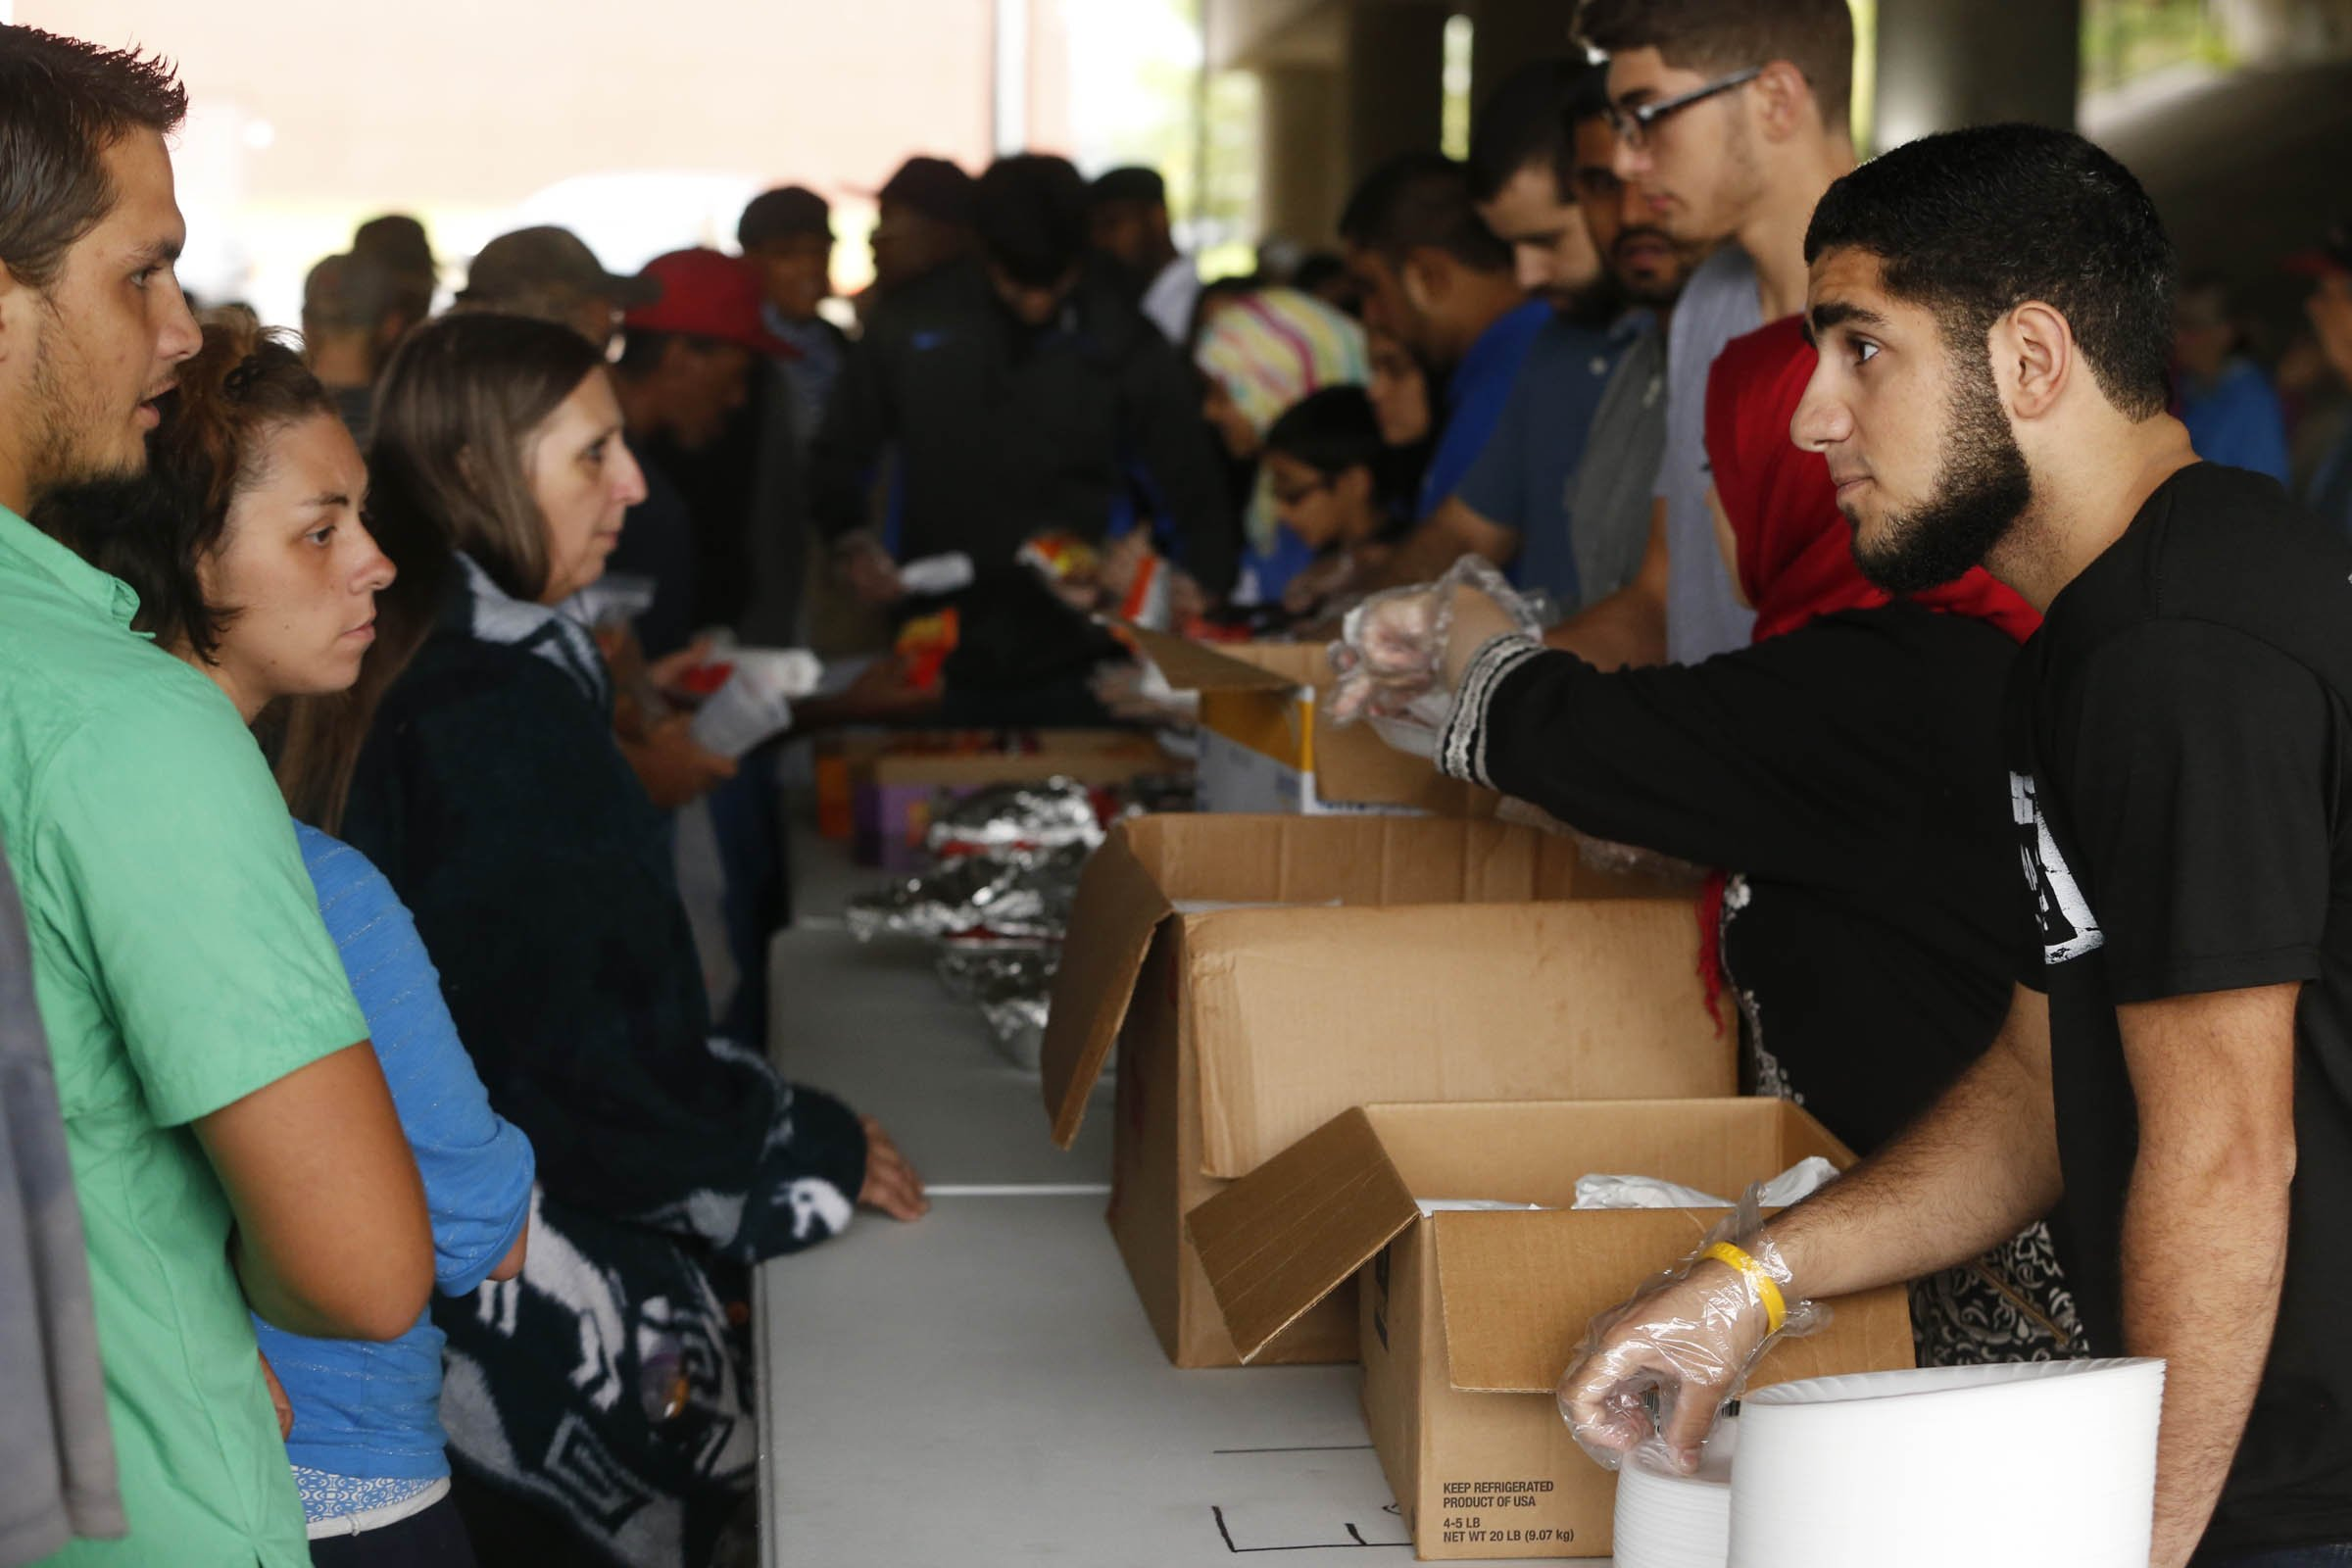 Des gens, debout derrière des tables sur lesquelles sont posés des cartons, parlent à d'autres gens qui s'avancent vers eux. (James Gibbard/Tulsa World)